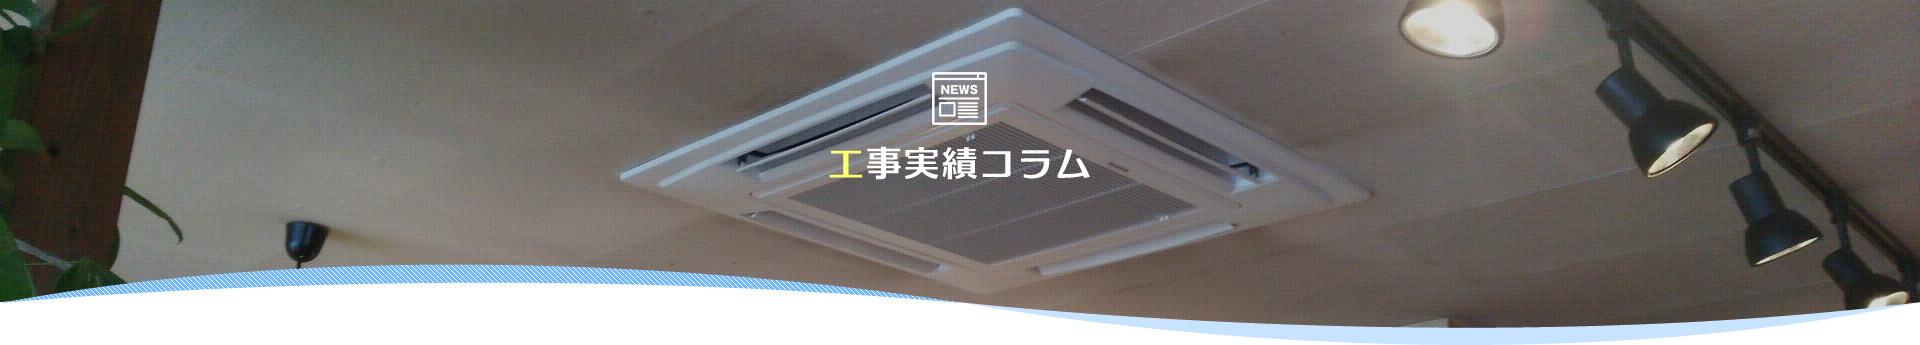 antenna.html | エアコンアシスト福岡